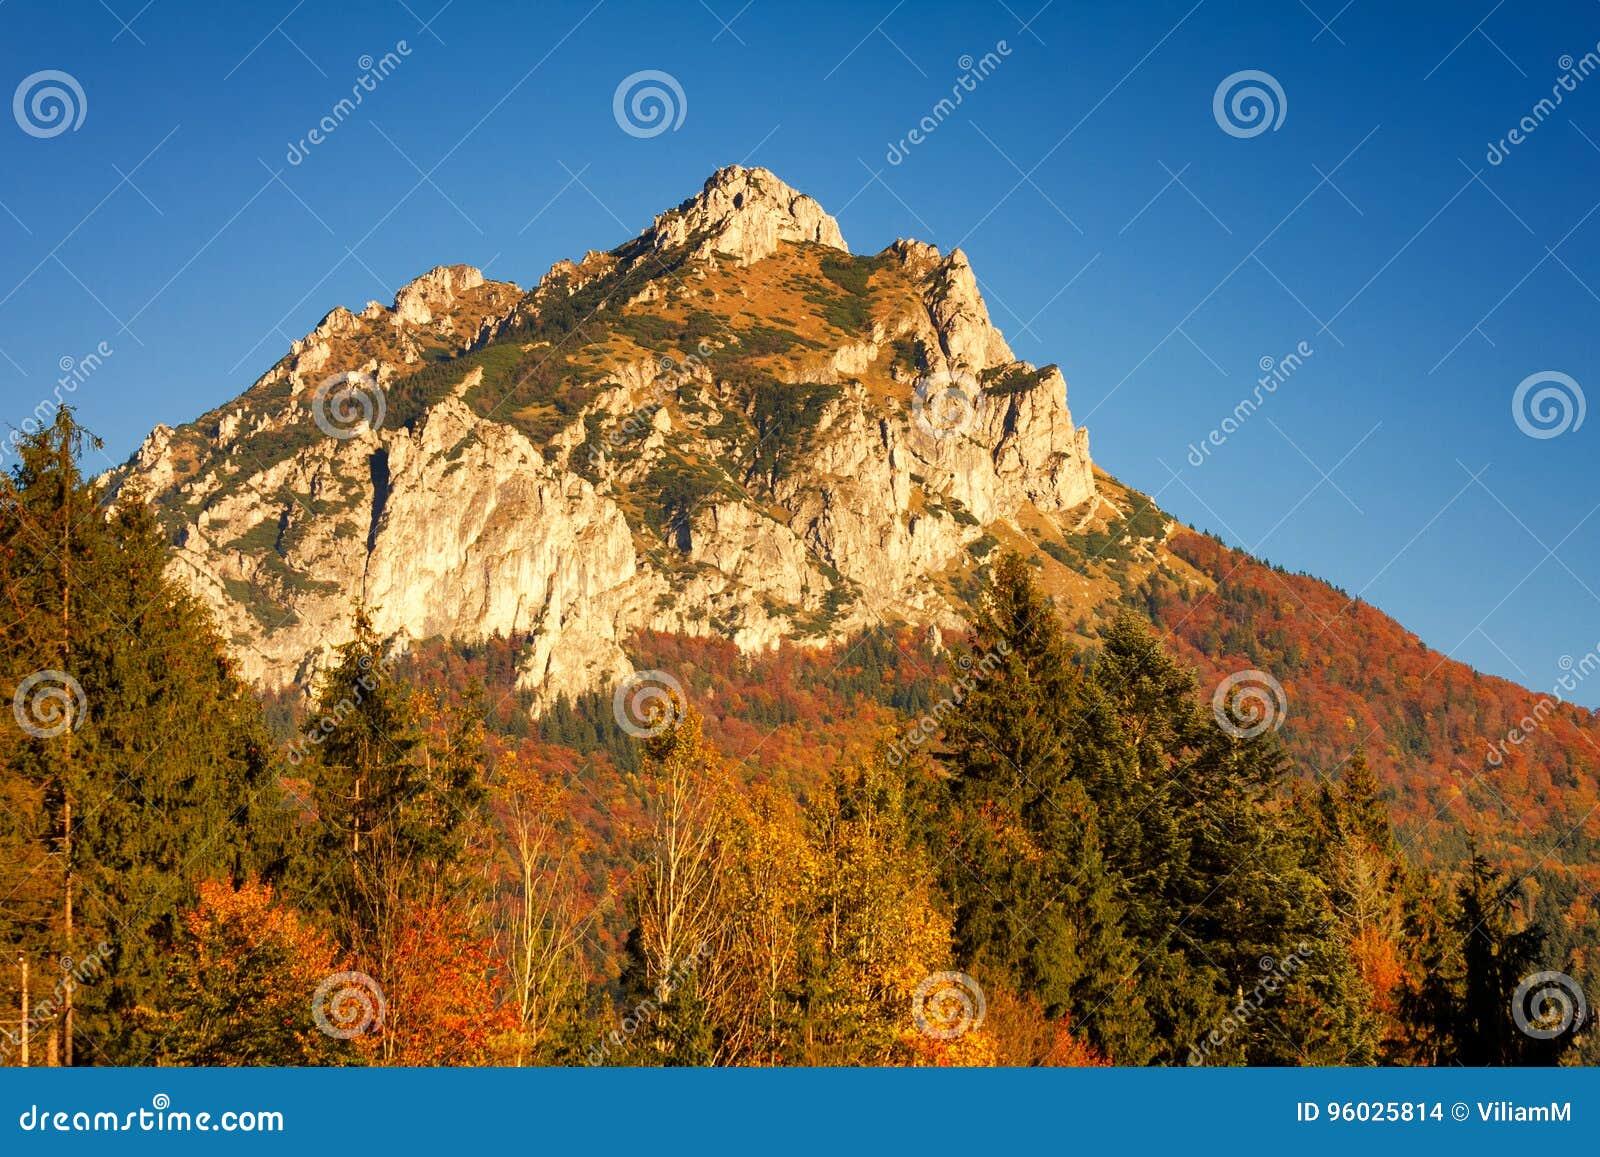 Wielki Rozsutec wzgórze w parku narodowym Mala Fatra